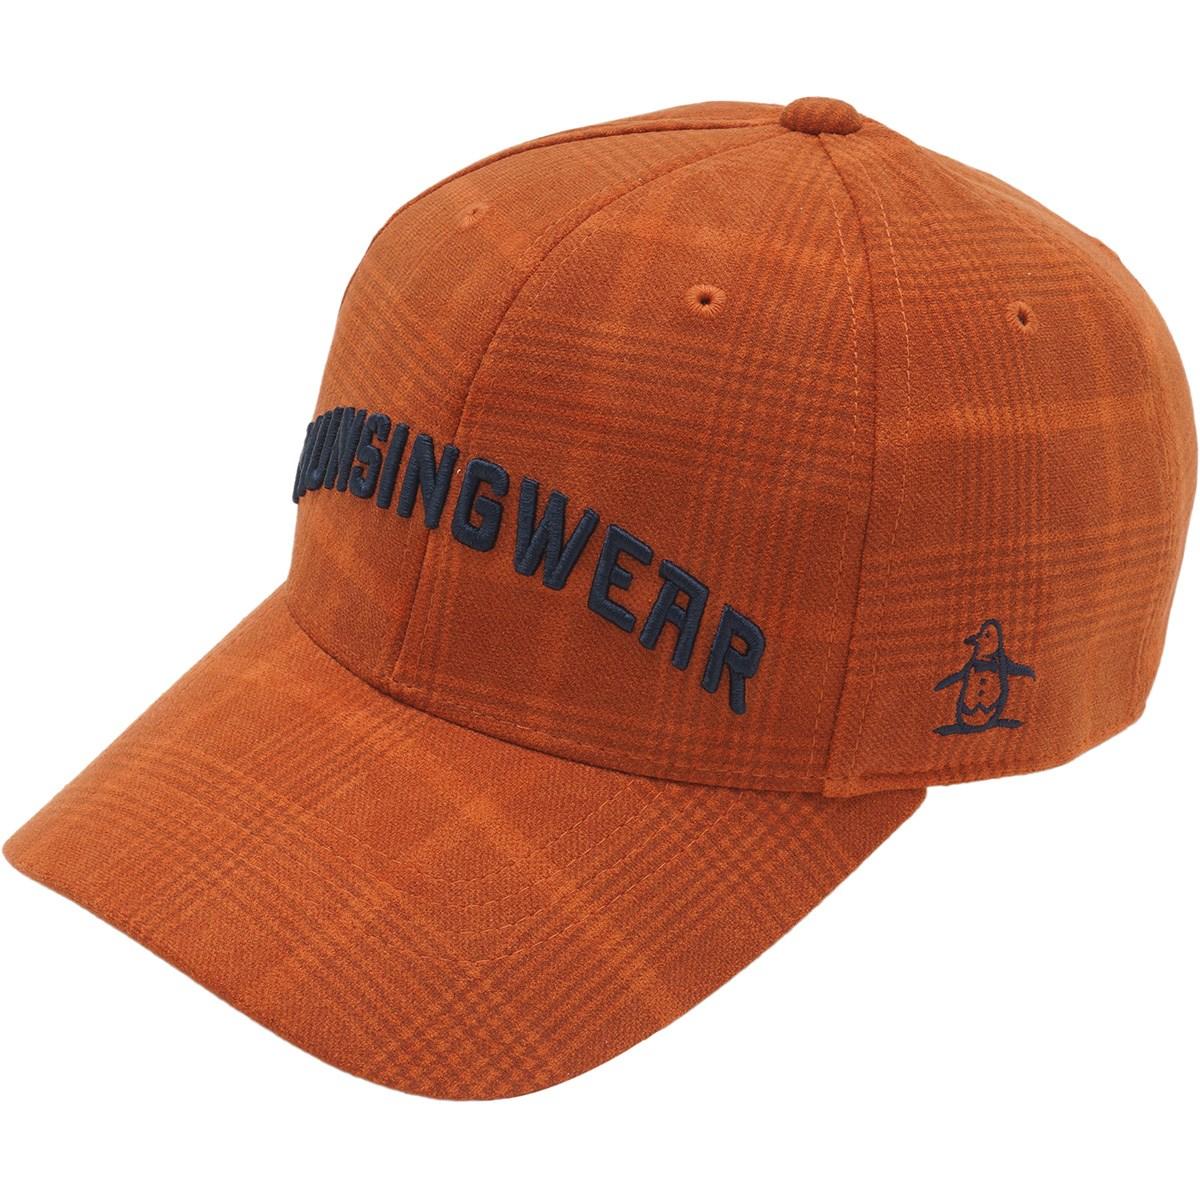 マンシングウェア Munsingwear スエードライクキャップ フリー オレンジ 00